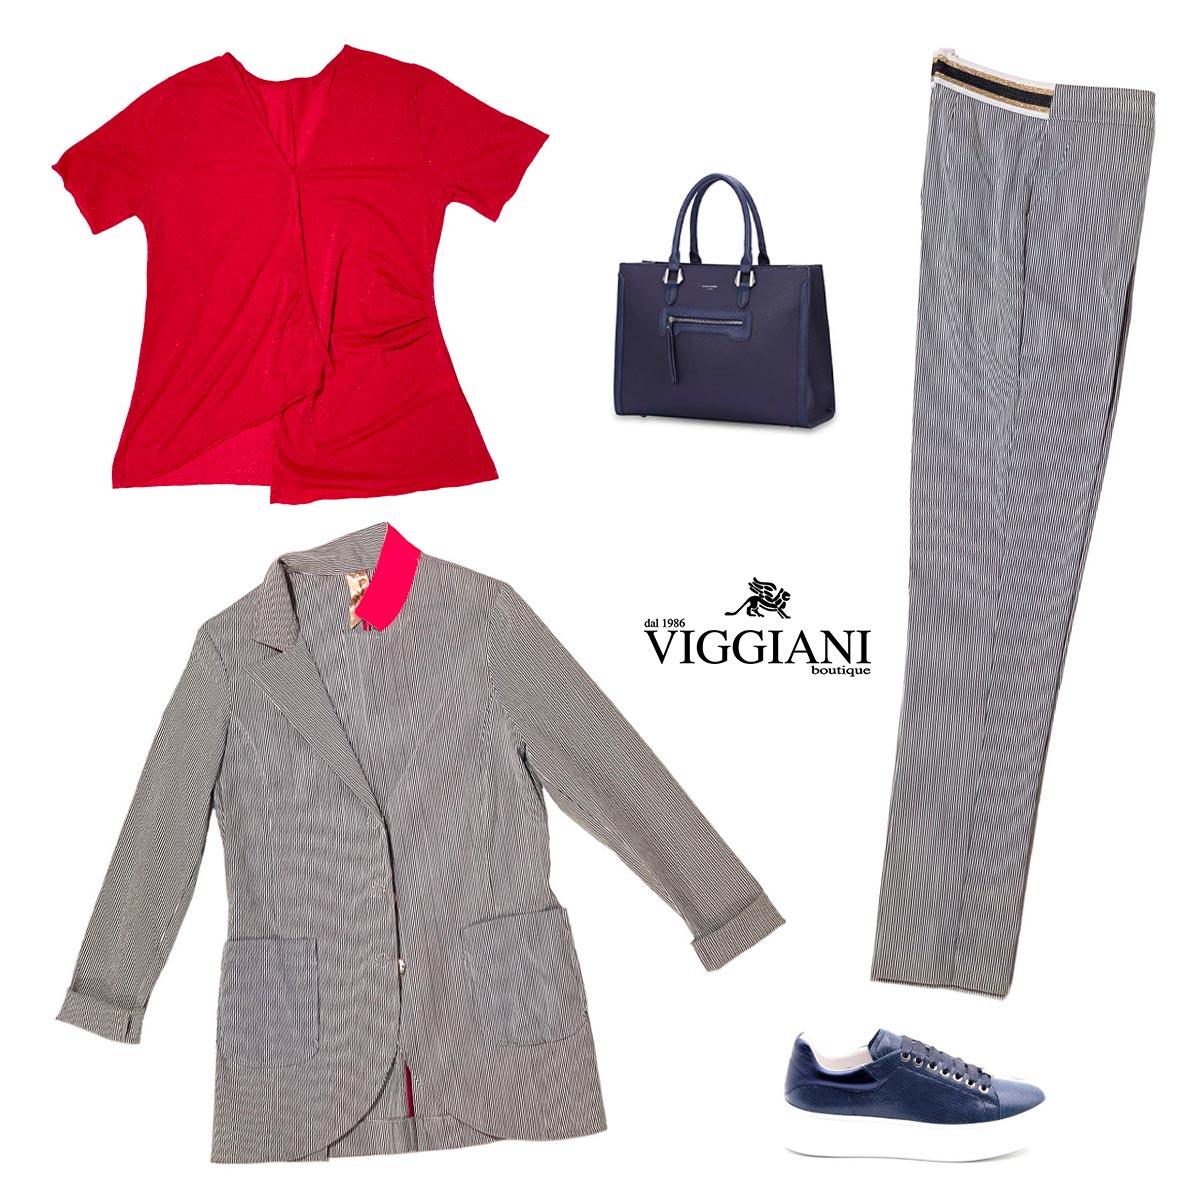 Outfit esame di maturità - Boutique Viggiani - Shopping online - Abbigliamento donna casual e cerimonia a Pisticci